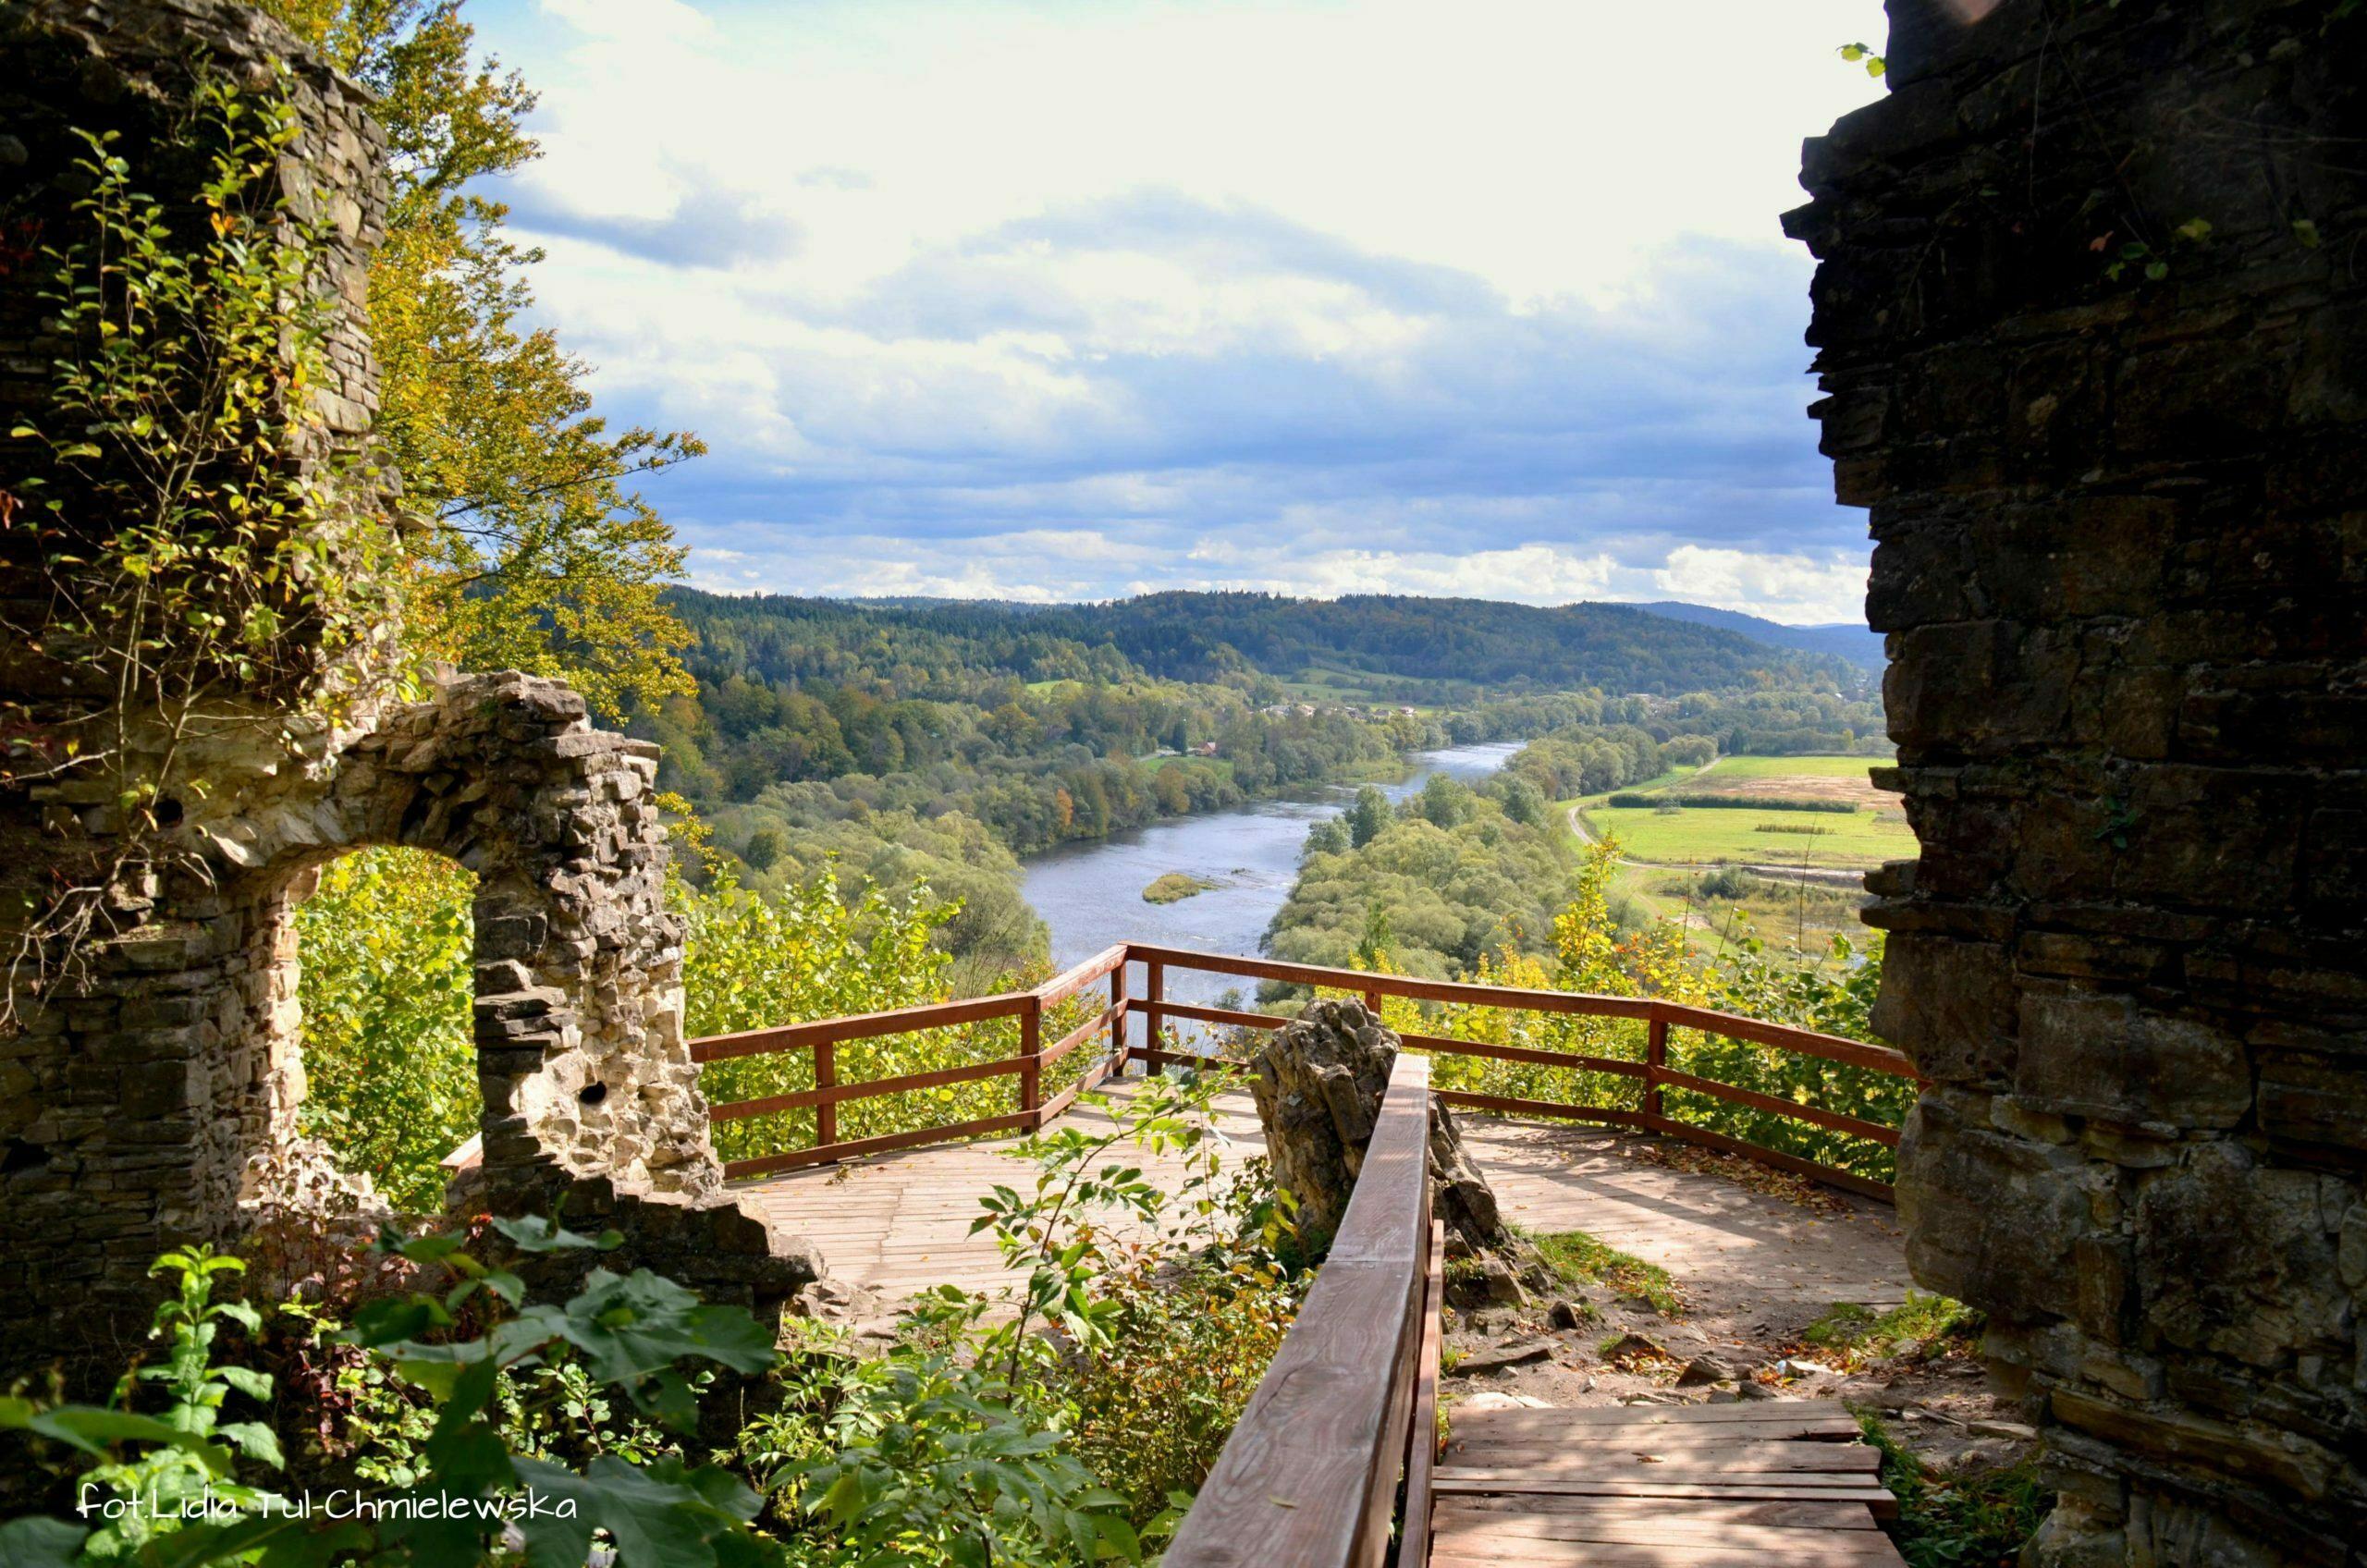 Ruiny zamku Sobień w drodze ku Bieszczadom fot. Lidia Tul-Chmielewska